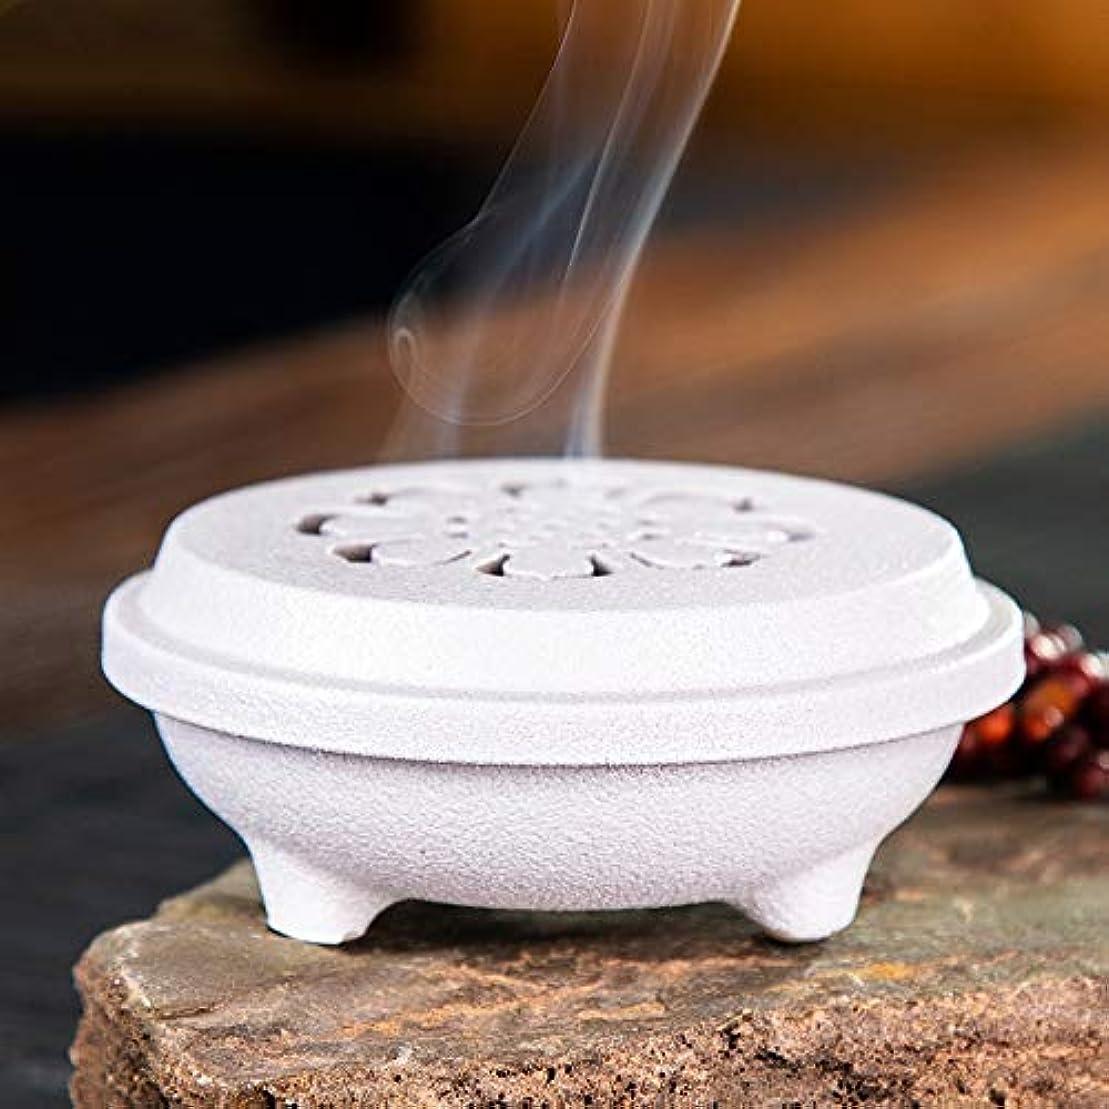 魅惑するゴミ箱を空にするいたずらホームデコレーション茶道用コイル型燭台セラミックセンター香りバーナーブラケットD / 11